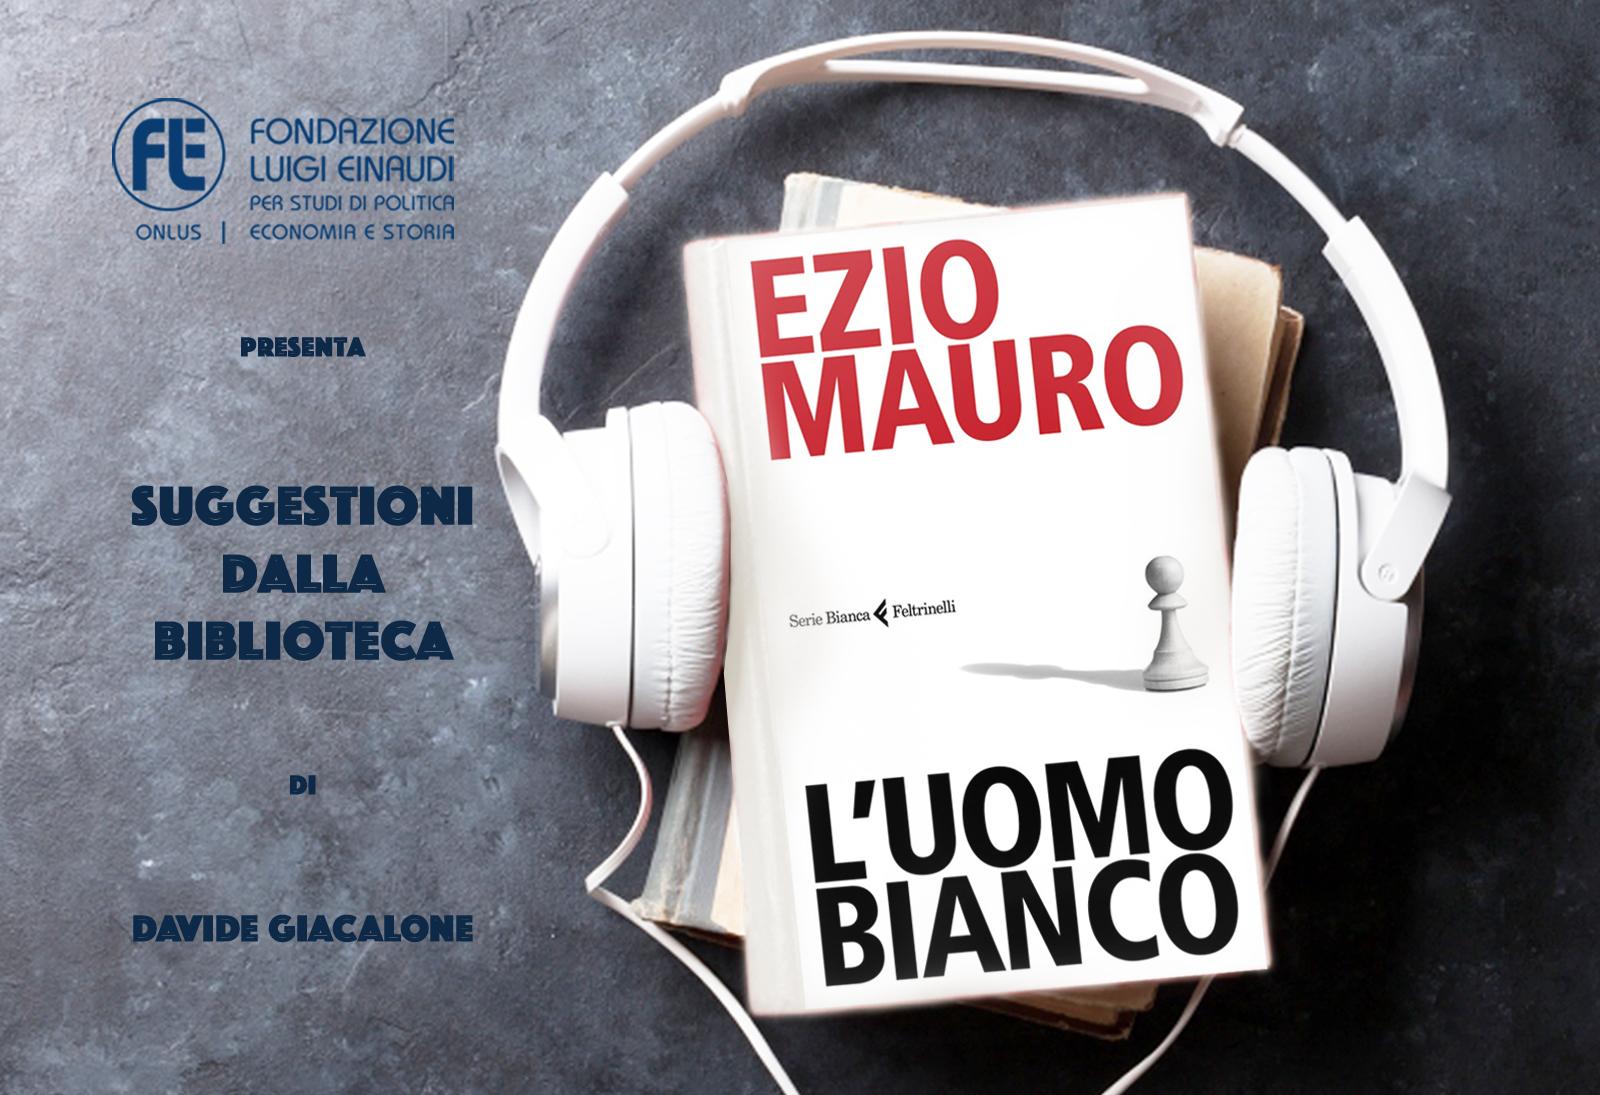 Ezio Mauro – L'uomo bianco